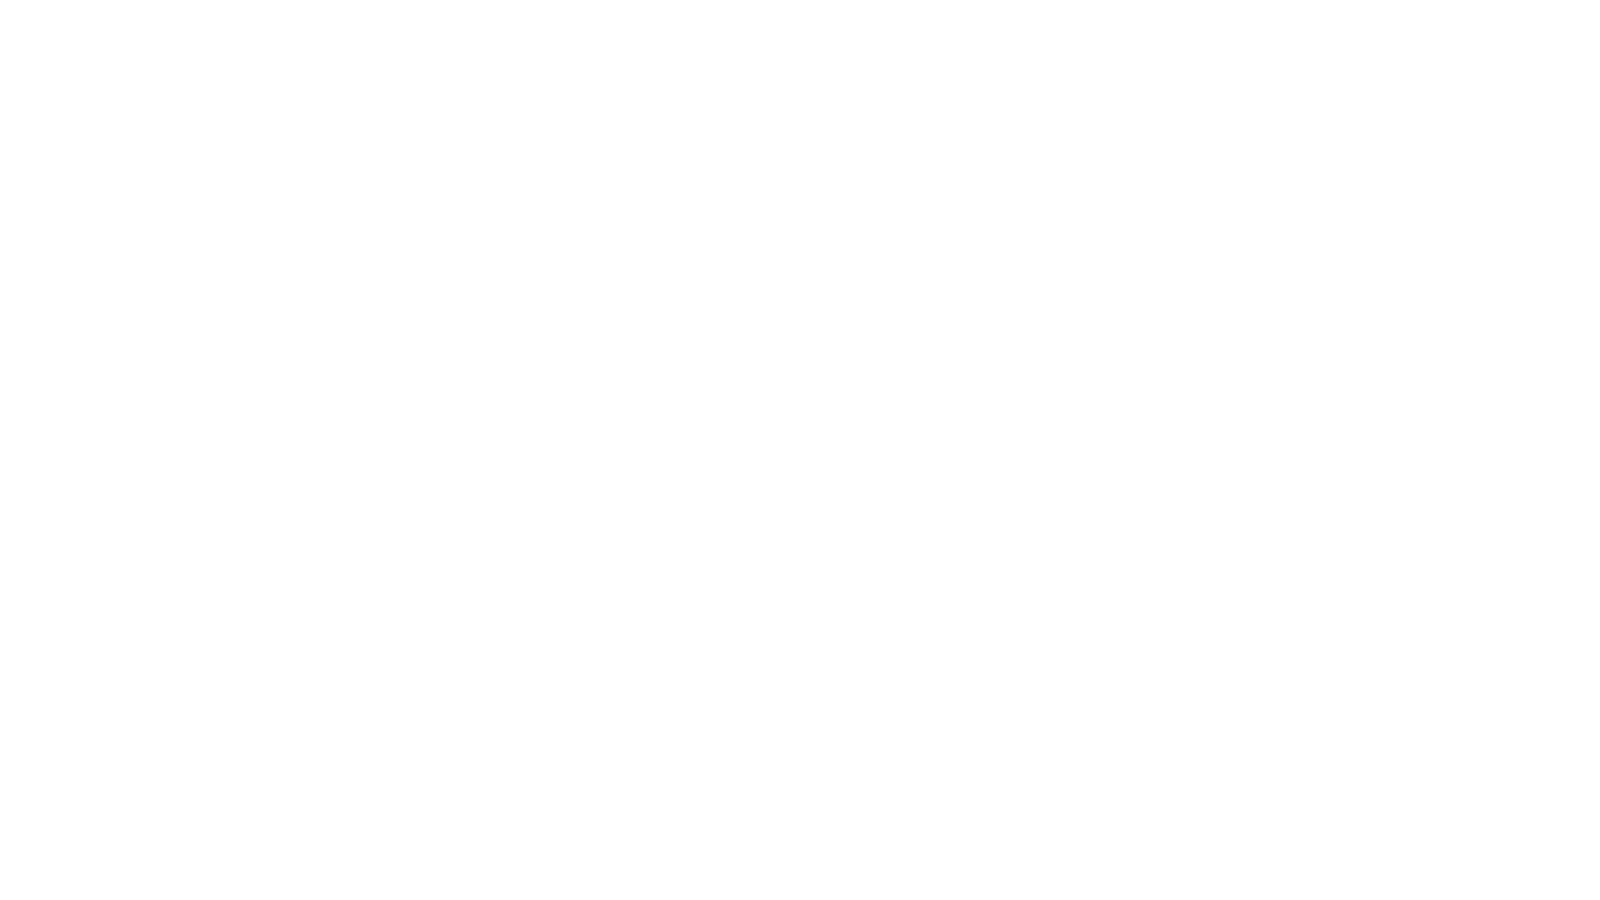 In diesem Video zeigen wir von der Systemhaus Schongau GmbH euch, wie wir OPNSense und Sensei auf dem ThinkCentre M90n-1 installieren. Hierfür haben wir den externen Bildschirm ThinkVision M14 angeschlossen.  Hier der Link zum erwähnten Video: https://www.youtube.com/watch?v=vYsoIJKiQFc&t=5s  Hier findet Ihr weitere Informationen zur Systemhaus Schongau GmbH: Webseite: https://www.systemhaus-schongau.de Facebook: https://www.facebook.com/systemhausschongau Instagram: https://www.instagram.com/systemhausschongau/  Musik: Chasing Thieves von FRAMETRAXX (https://www.frametraxx.de)